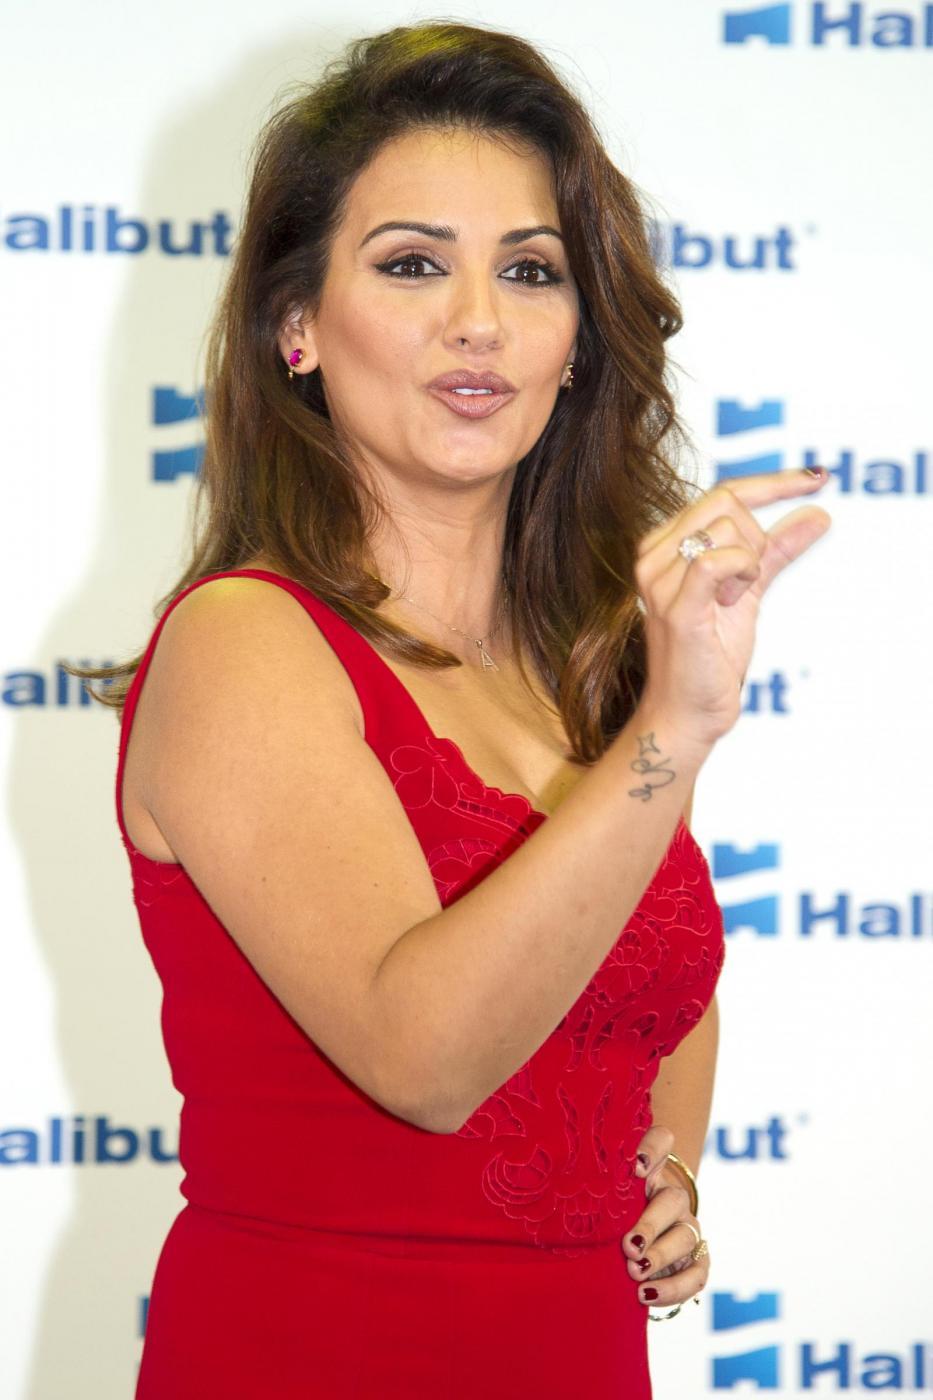 Monica Cruz, la sorella di Penelope presenta la linea di cosmetici Halibut08